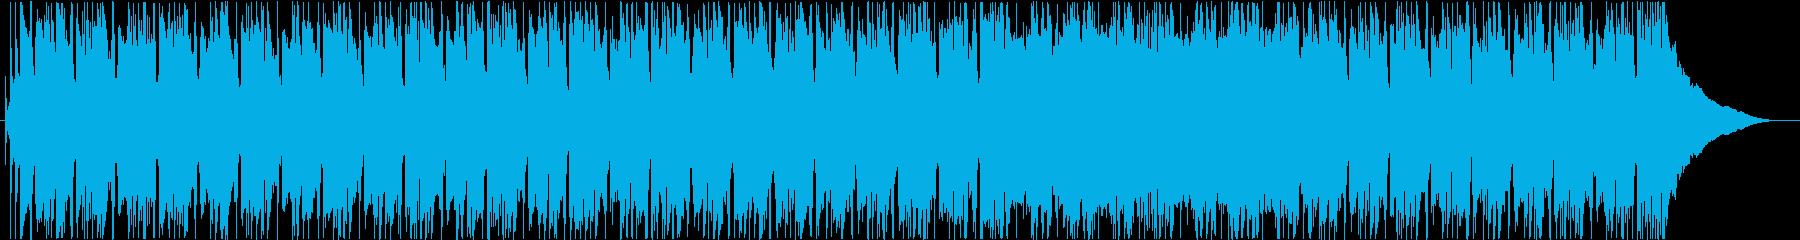 背景、ライトロックの再生済みの波形